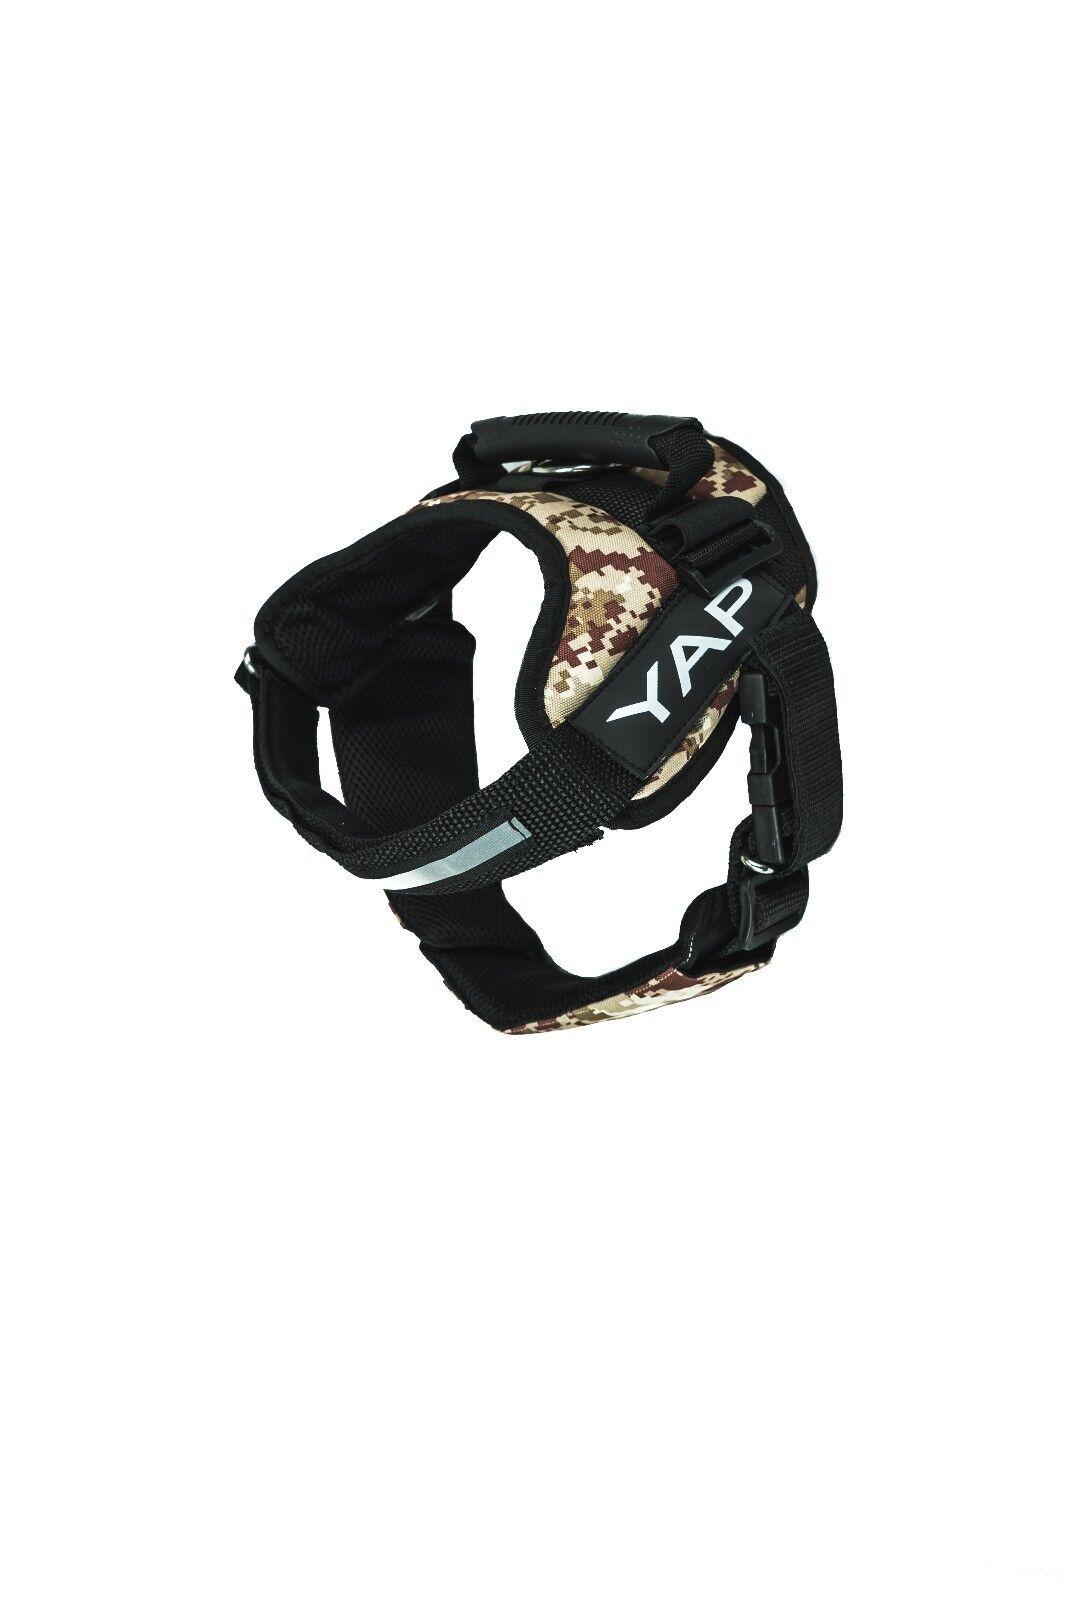 Beta schwarz Harness- Digital Camo